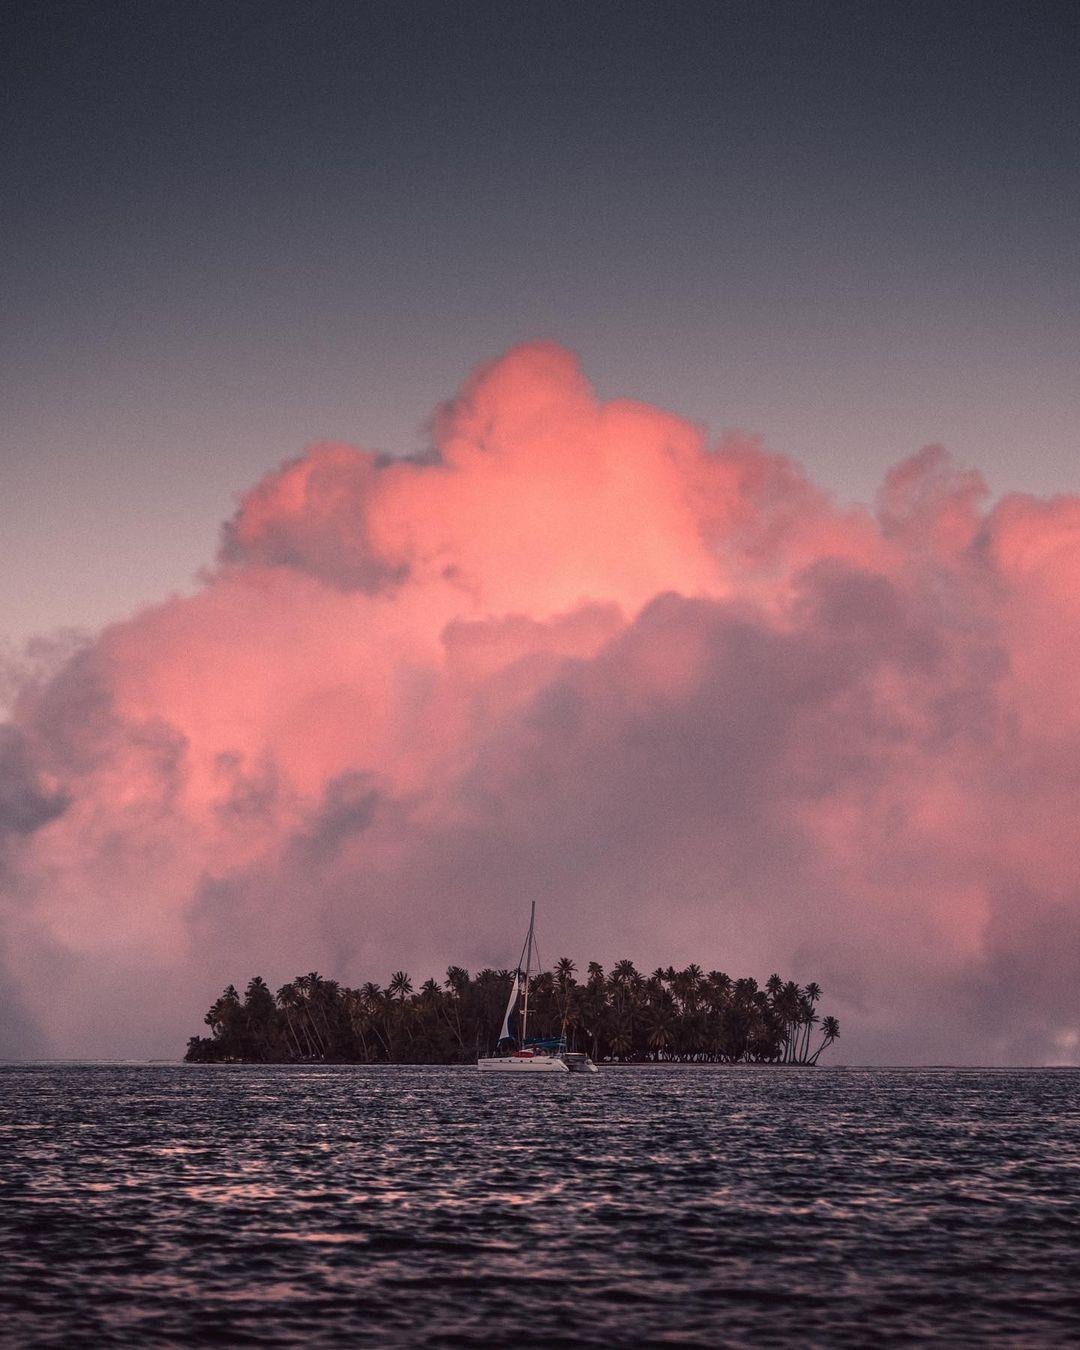 Путешествия и приключения на снимках Шарля Лопеса